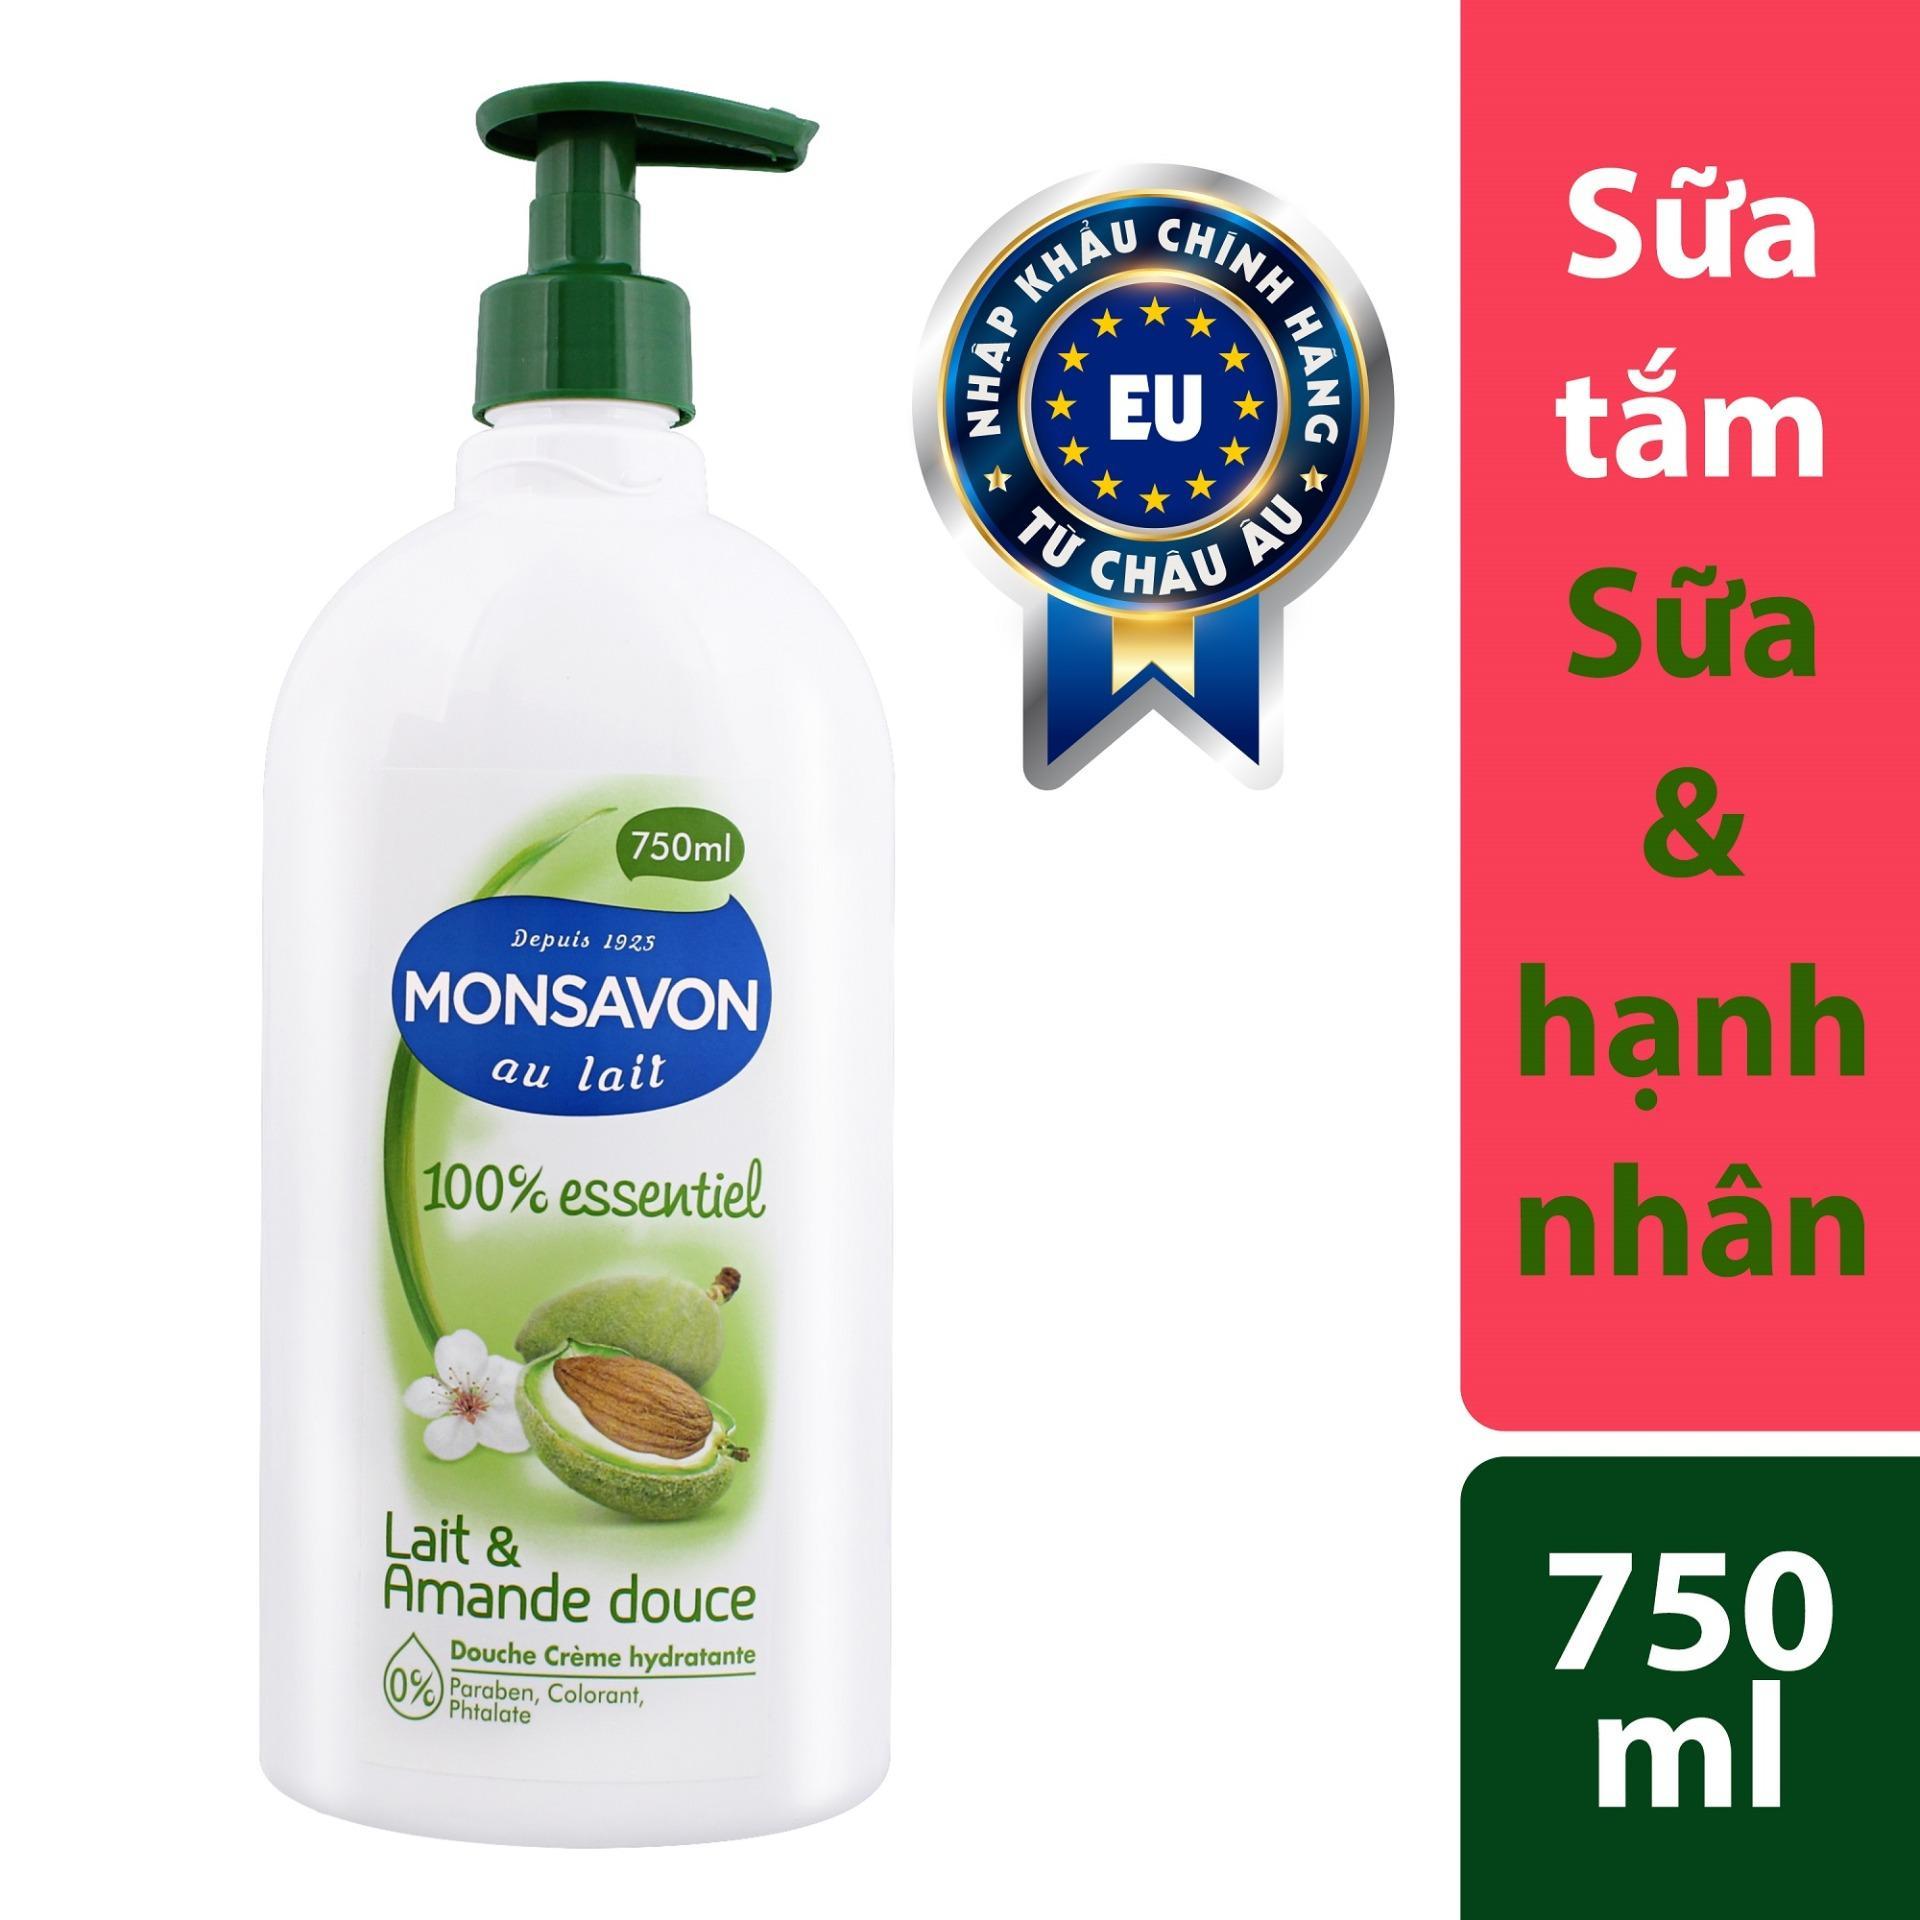 Bán Mua Sữa Tắm Chiết Xuất Hạnh Nhan Va Sữa Monsavon 750Ml Trong Bình Dương